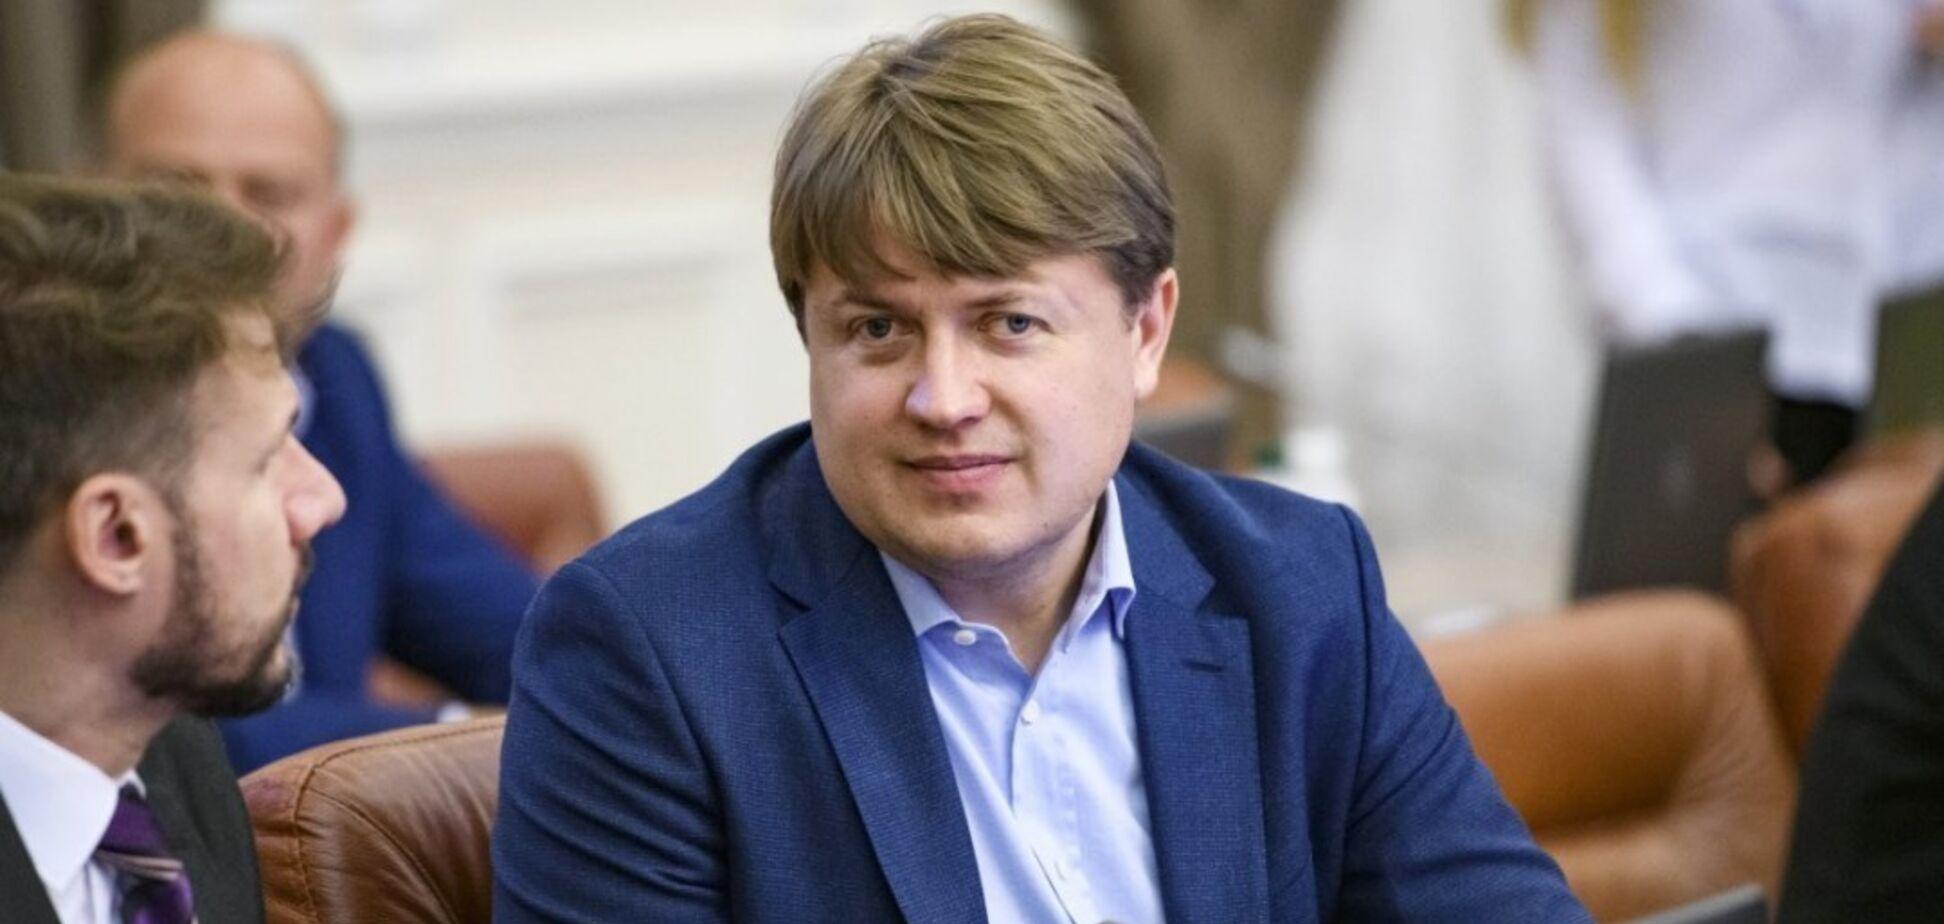 Герус работает на Россию, его нужно остановить – Наливайченко